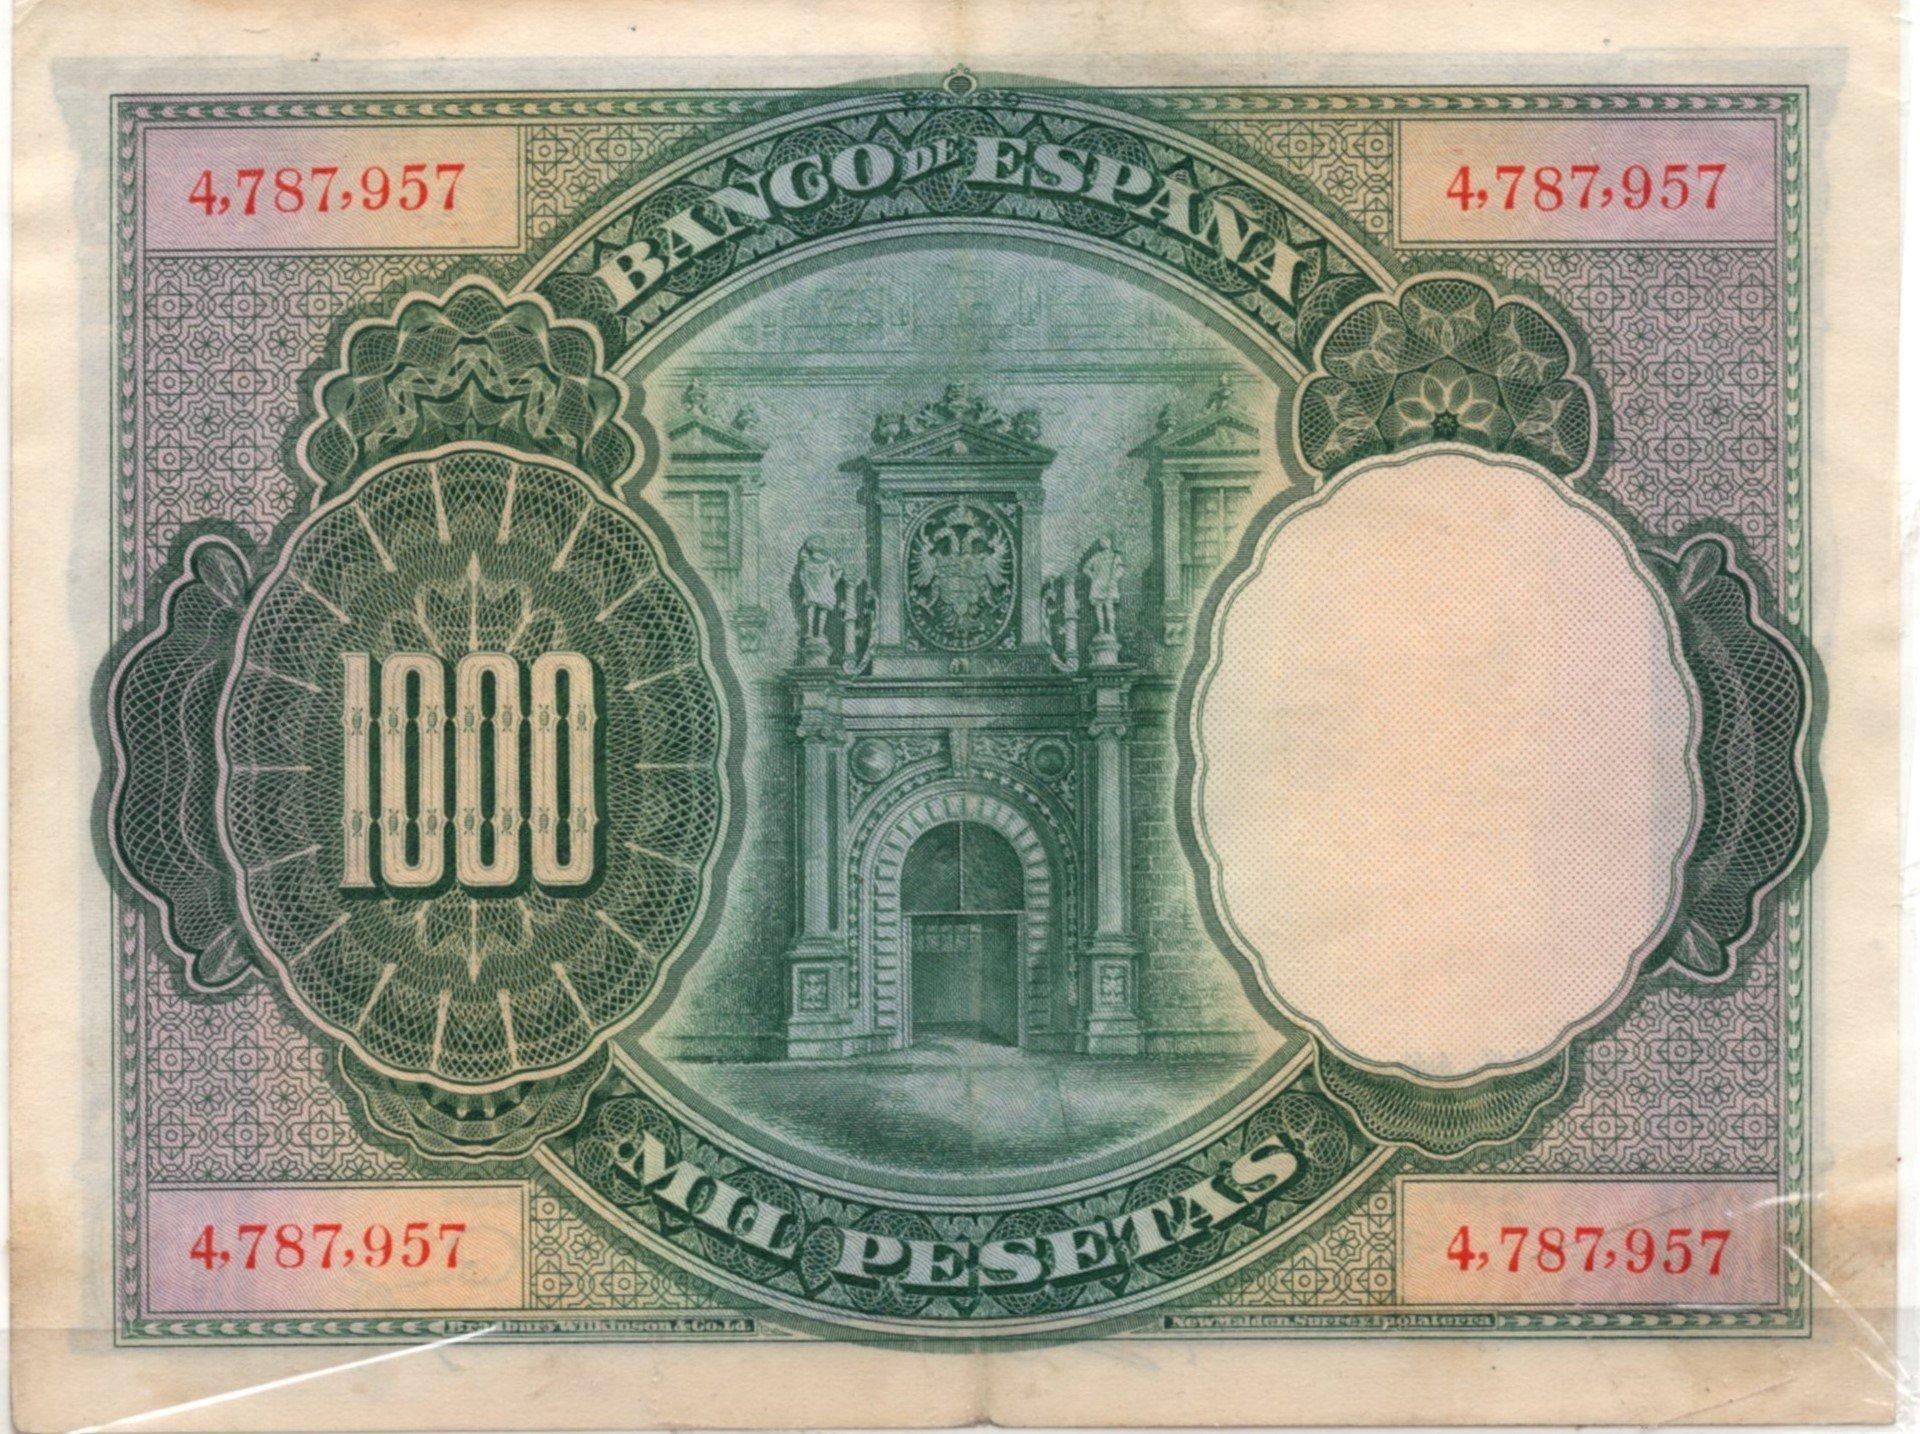 Spain 1000 pesetas 1925 back